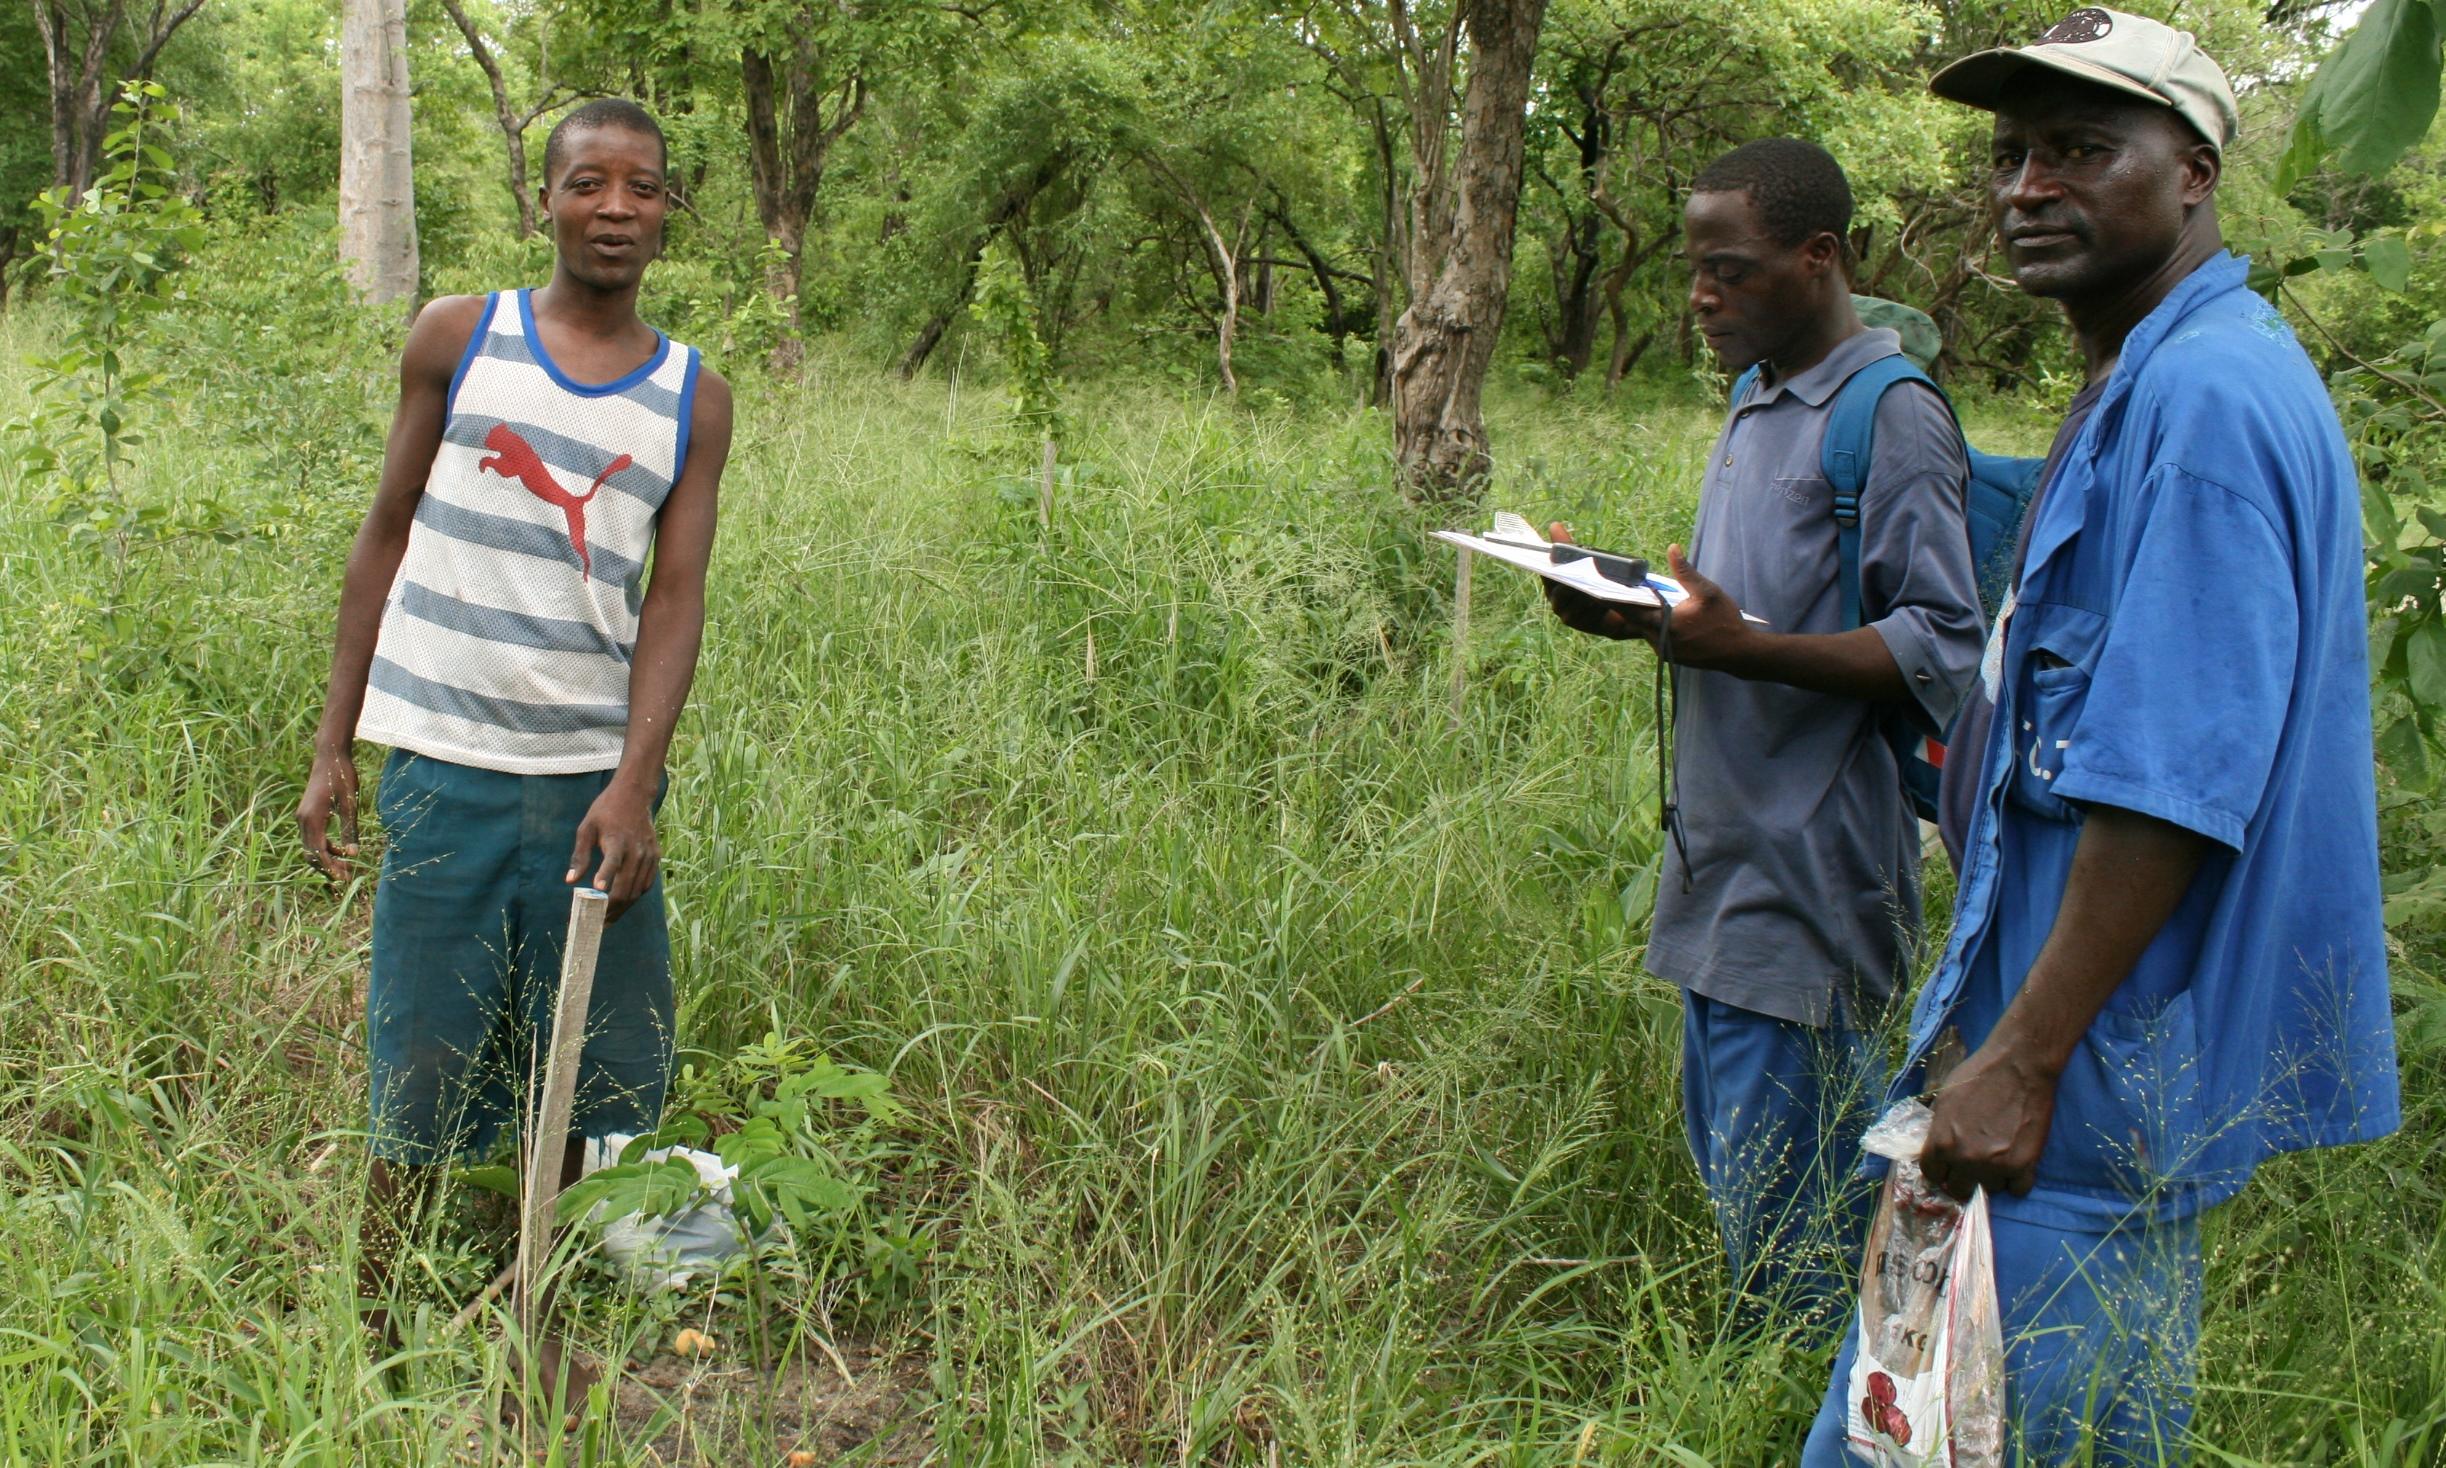 Inventário anual sobre os projectos de reflorestação da comunidade  - Annual inventory of community reforestation projects